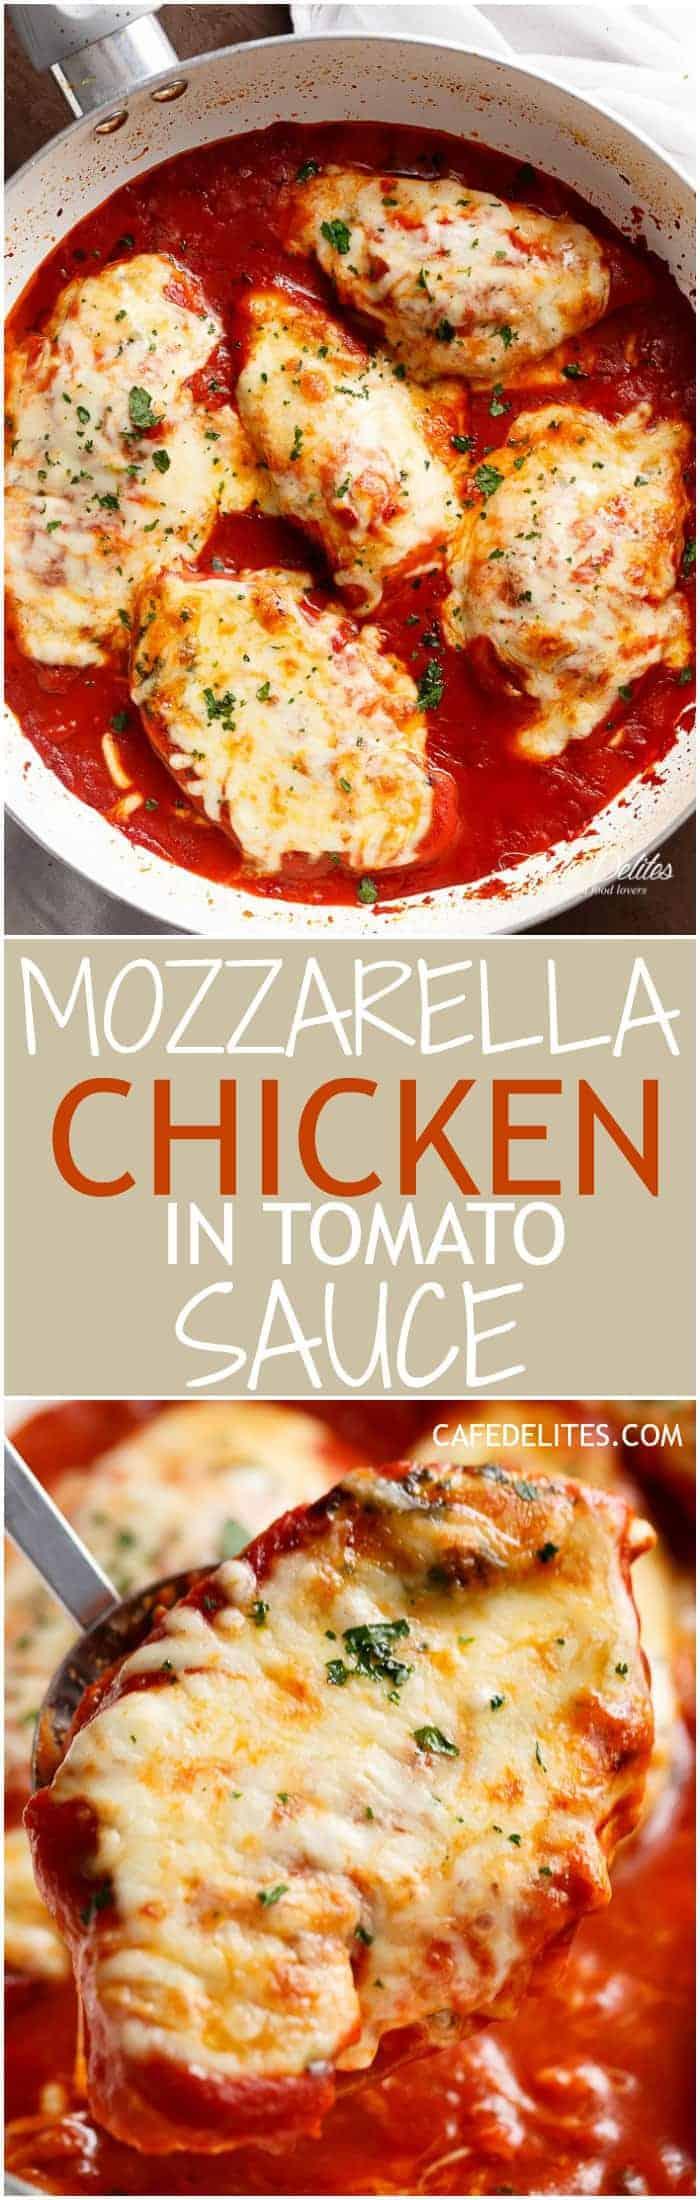 Mozzarella Chicken In Tomato Sauce Cafe Delites